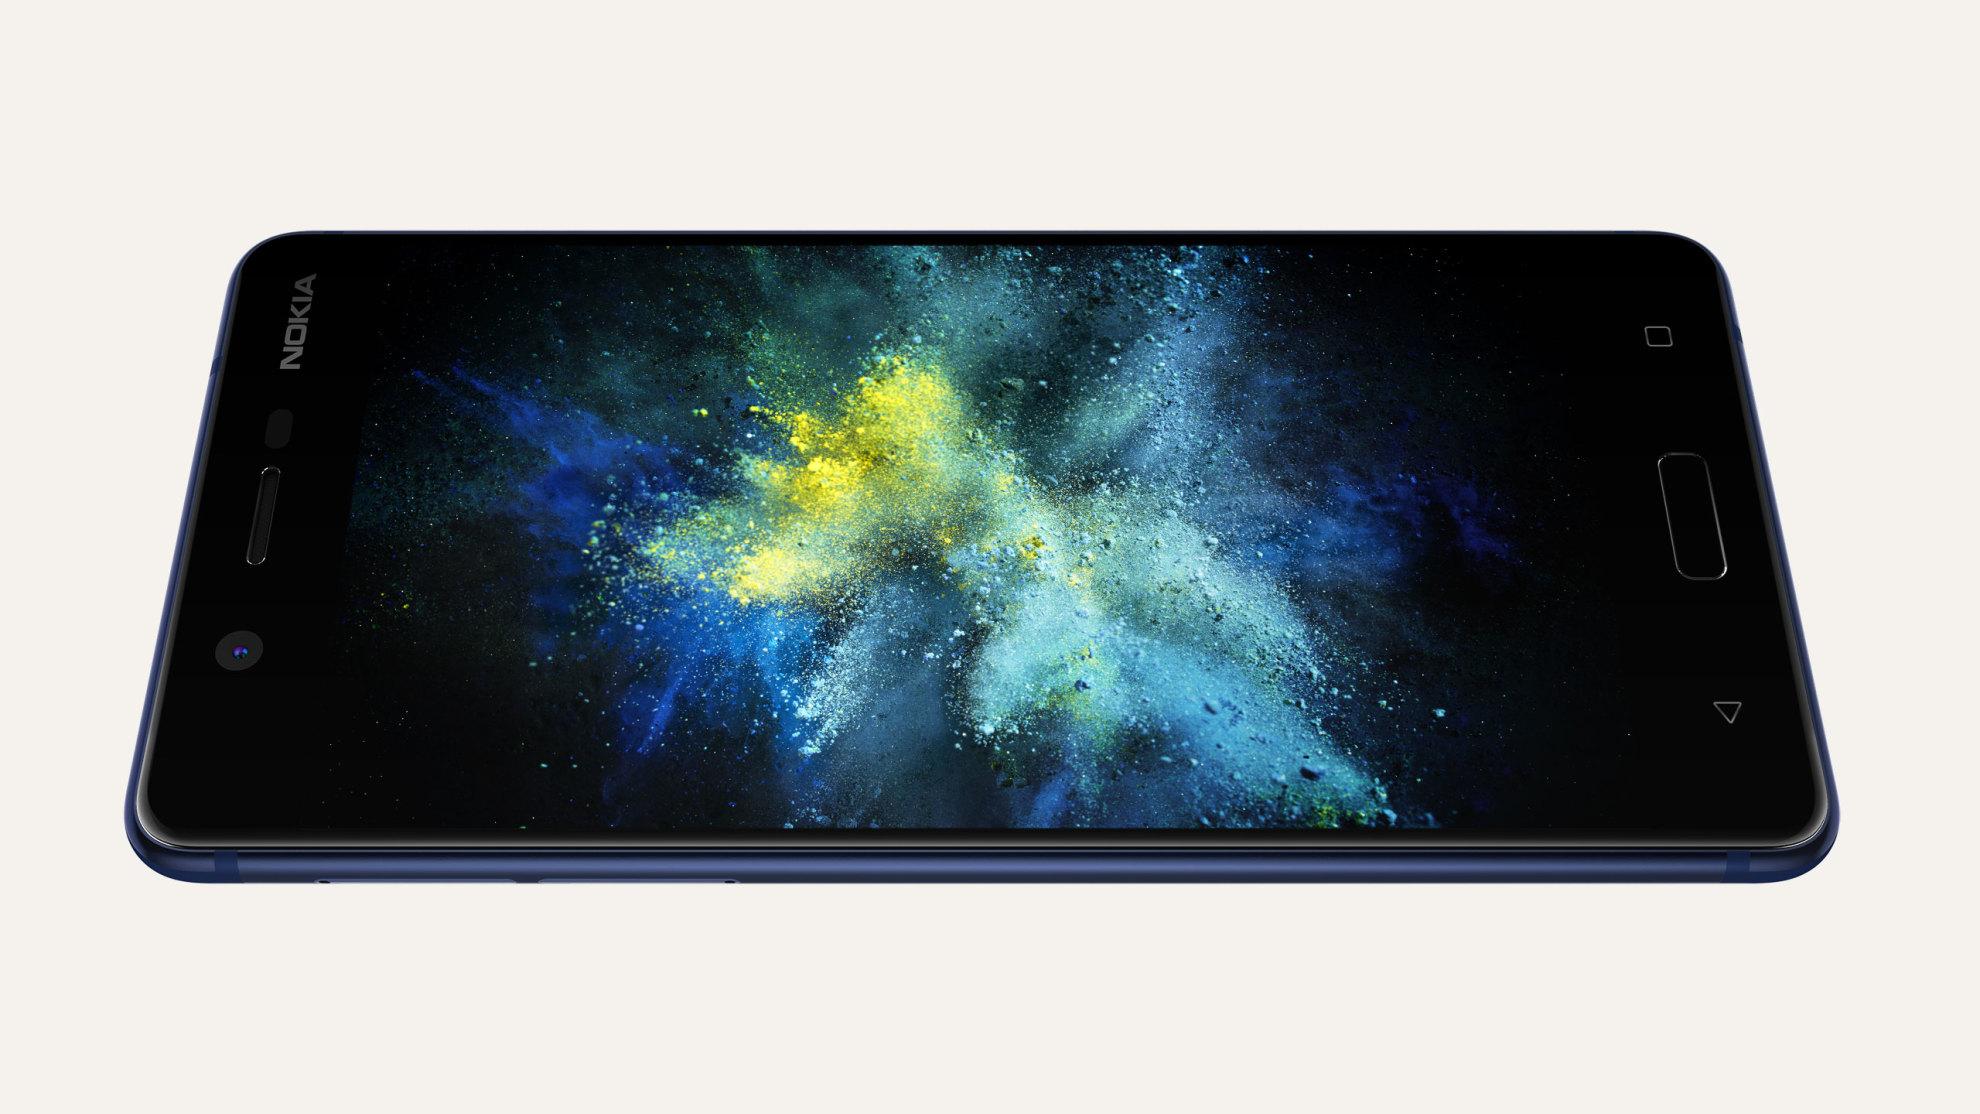 https://images.contentful.com/wcfotm6rrl7u/3Ud9qkLws8EcIEQuICAkQ0/ba0d00bbe1823bd493842d20181e5c1c/Nokia-5-HD-Display.jpg?fm=jpg&w=1980